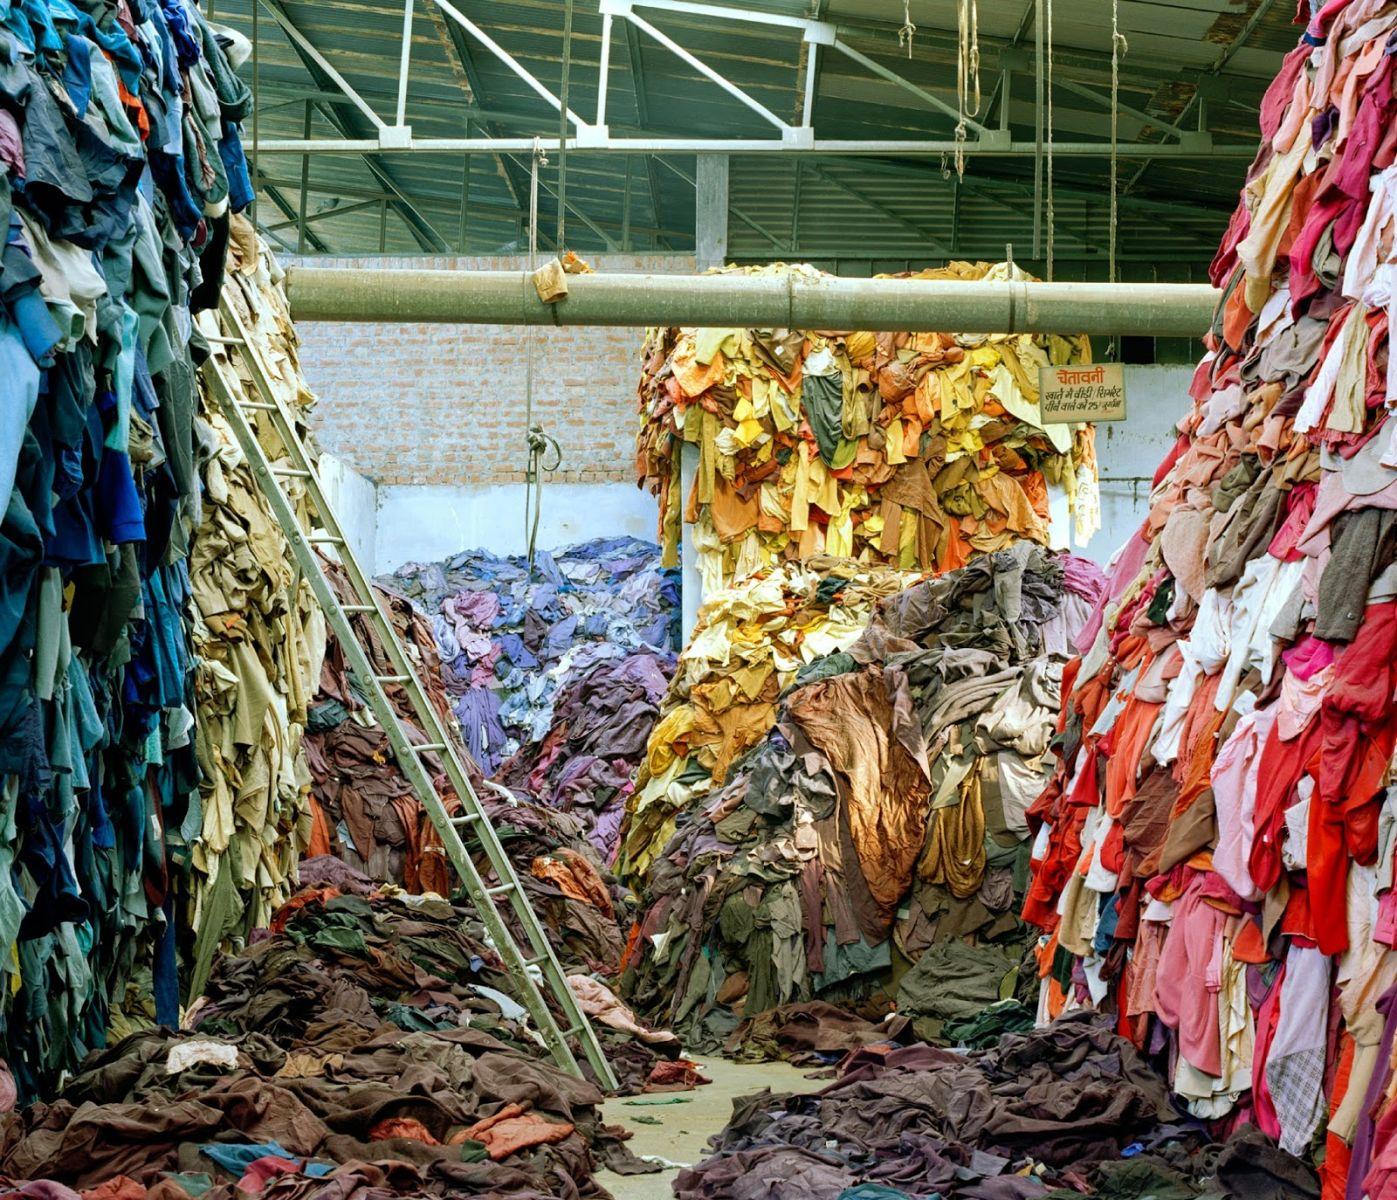 La exposición que muestra la realidad de la fast fashion